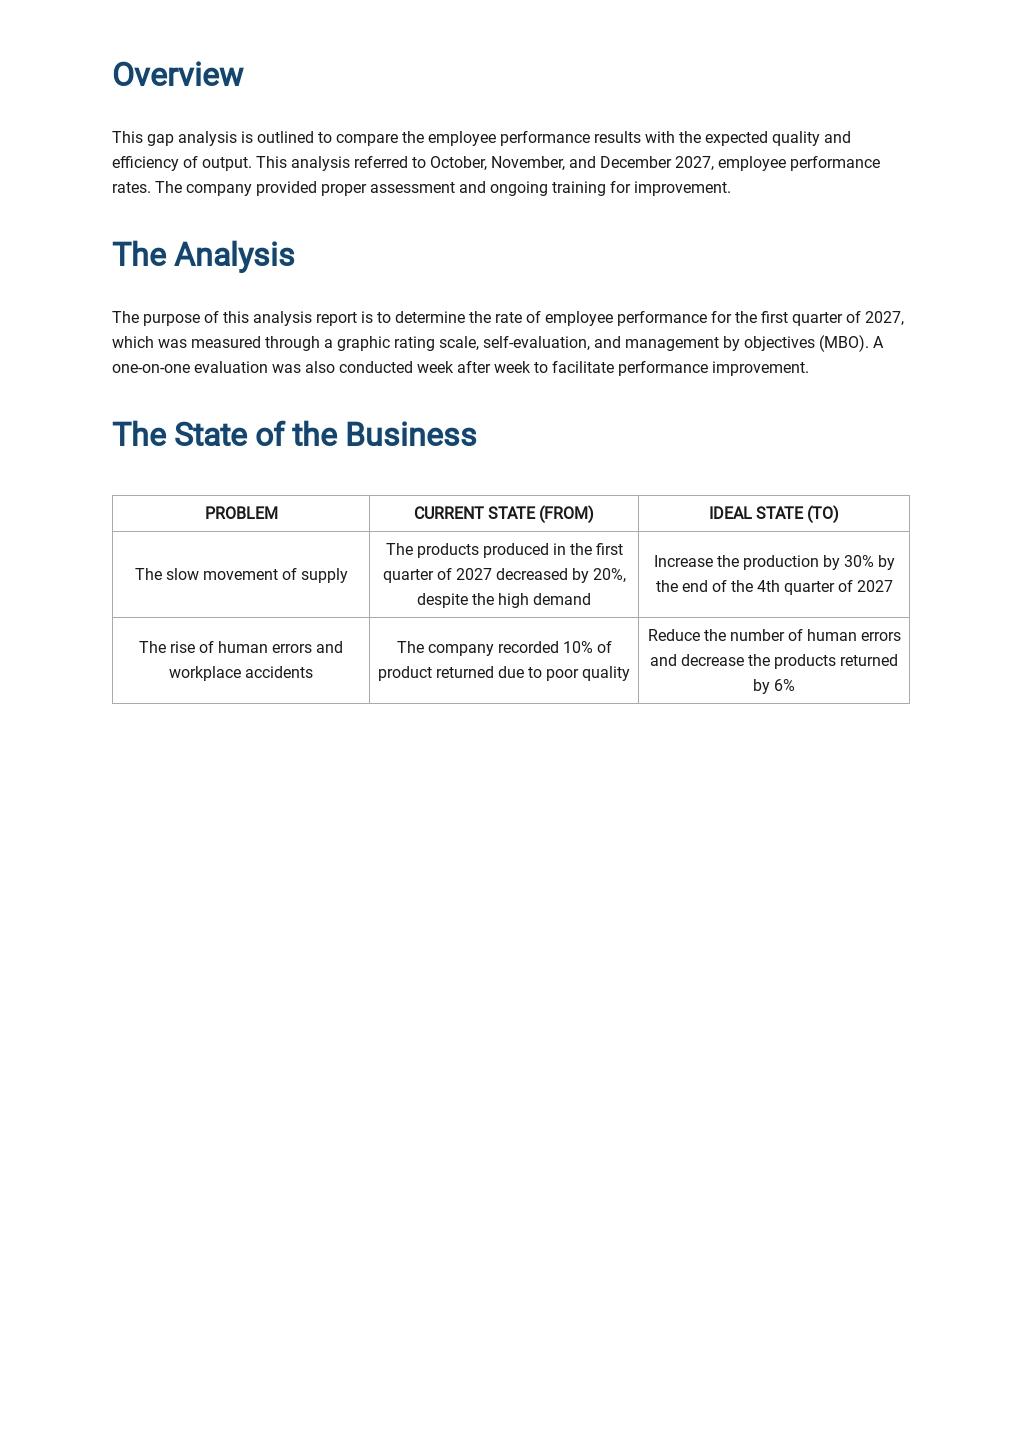 Sample Gap Analysis Report Template 1.jpe